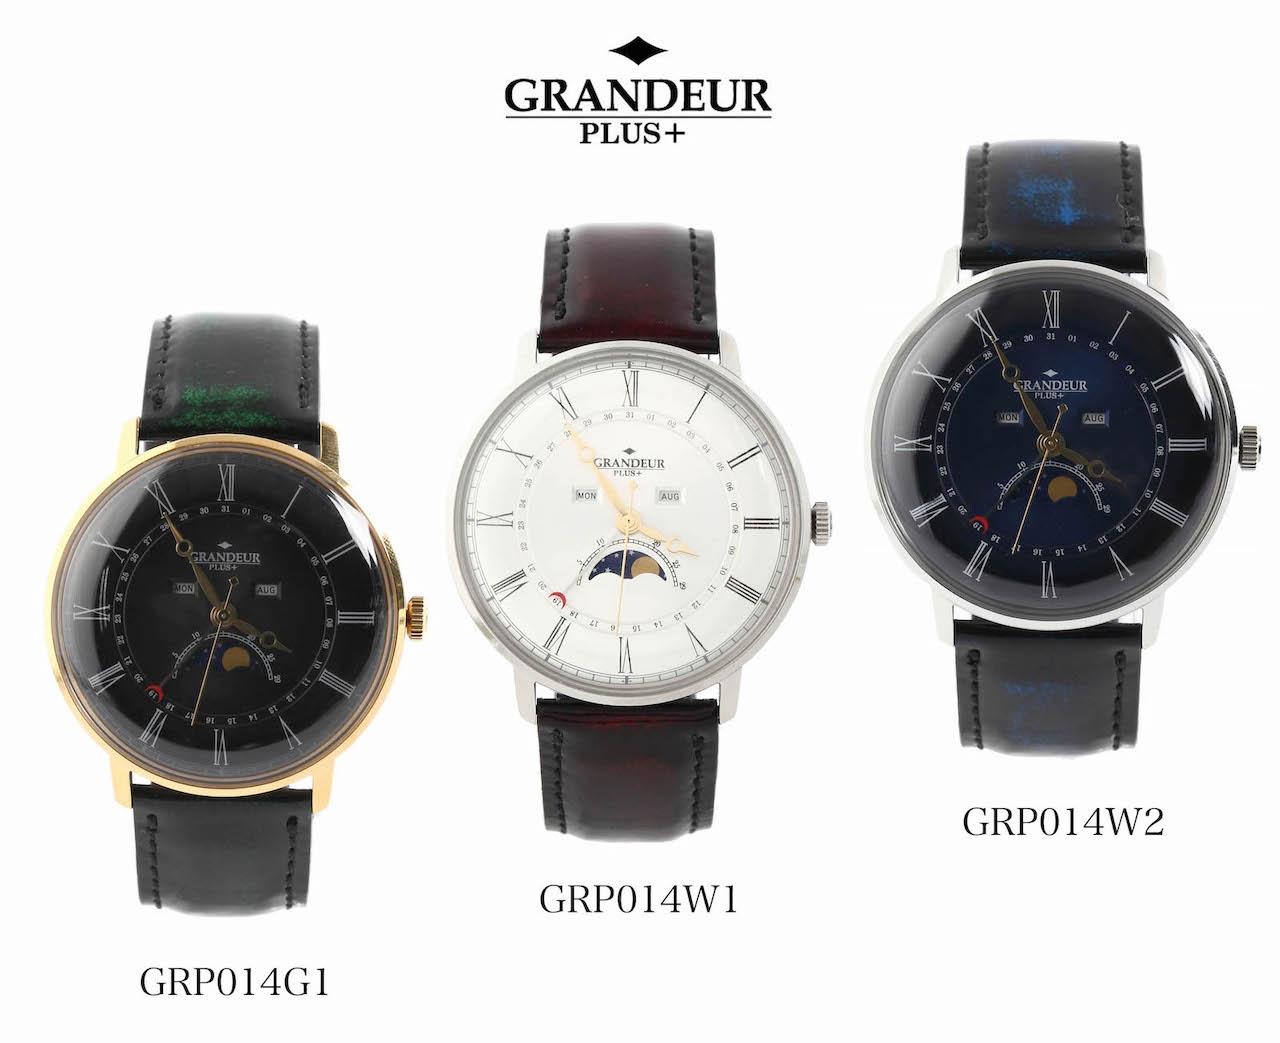 GRP014 ムーンフェイズ ウォッチ クラシカル ウォッチ【送料無料】 watch 腕時計 ヴィンテージ トリプルカレンダー ギフト プレゼント GRANDEUR PLUS グランドールプラス 1年保証